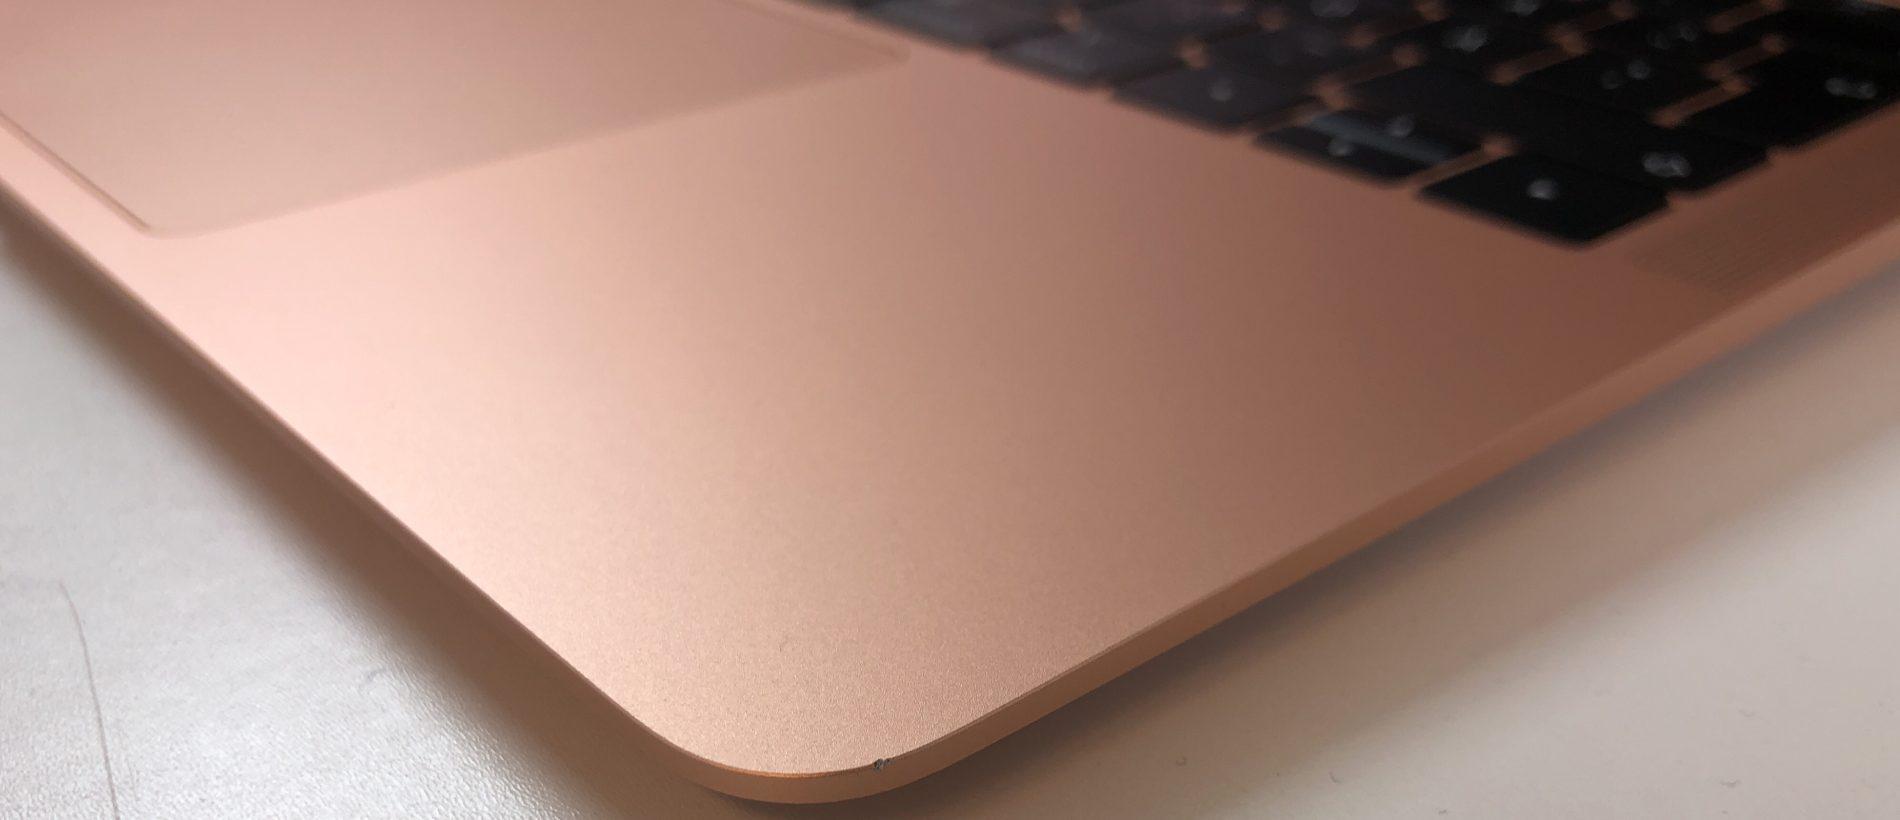 """MacBook Air 13"""" Mid 2019 (Intel Core i5 1.6 GHz 8 GB RAM 128 GB SSD), Gold, Intel Core i5 1.6 GHz, 8 GB RAM, 128 GB SSD, bild 3"""